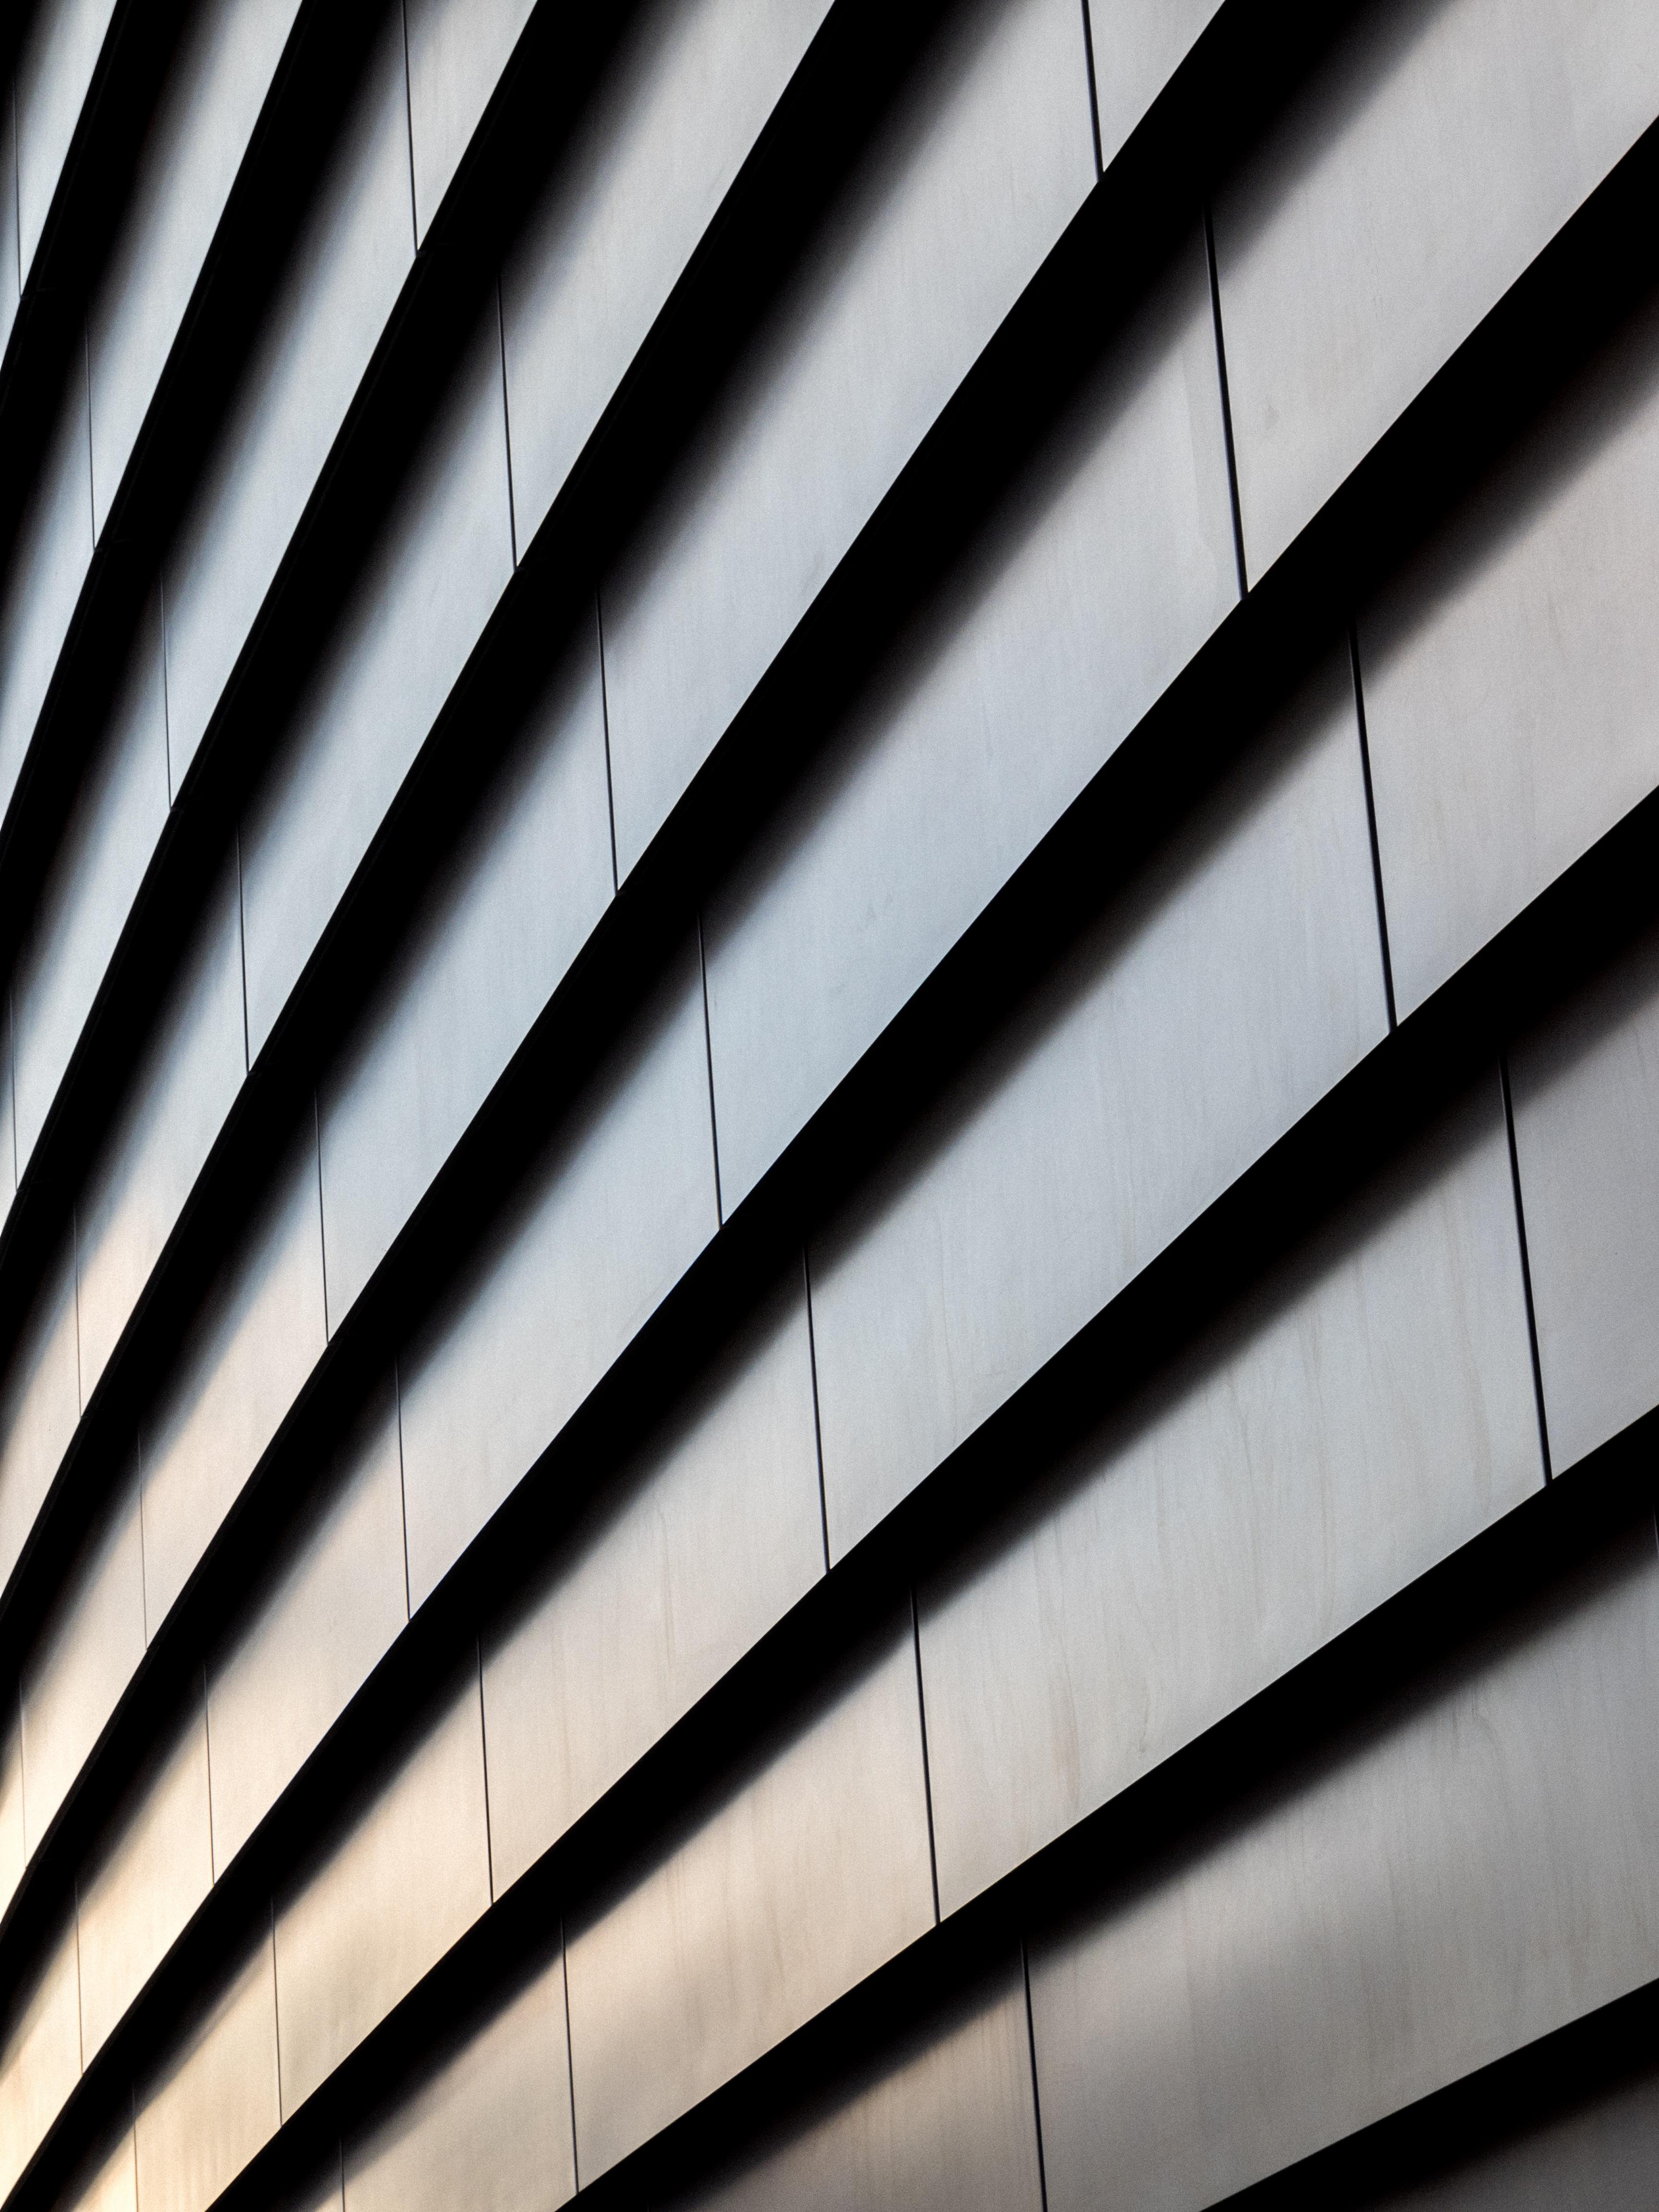 fotos gratis ligero en blanco y negro arquitectura